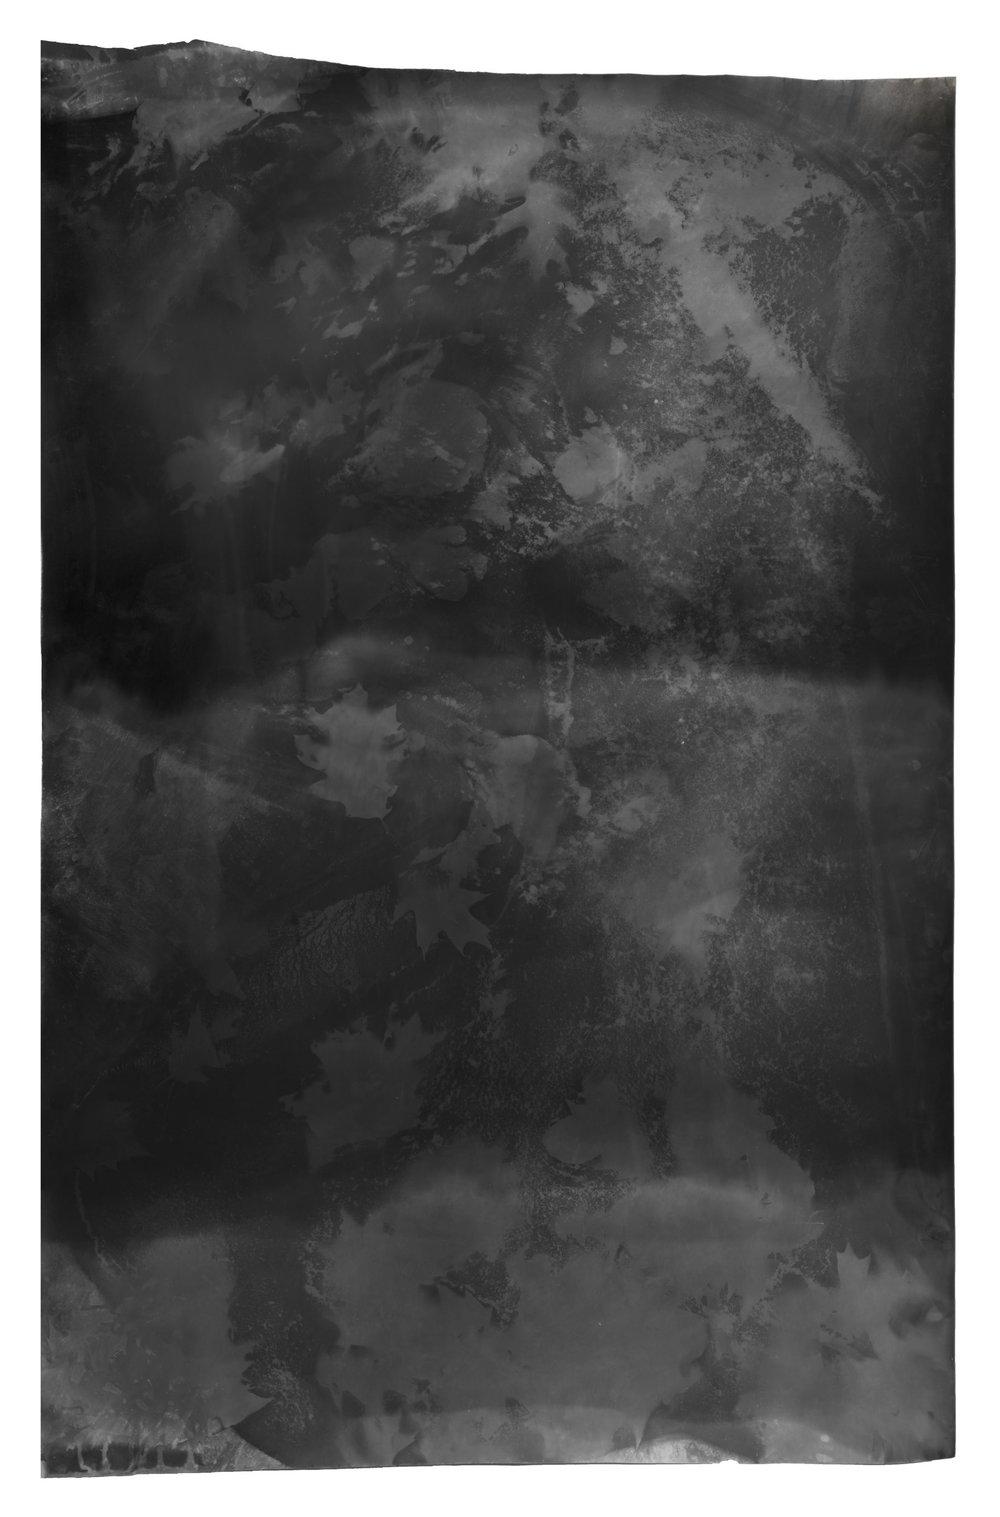 Leaf Test , 2017, 5.41 feet x 3.5 feet, Silver Gelatin Print